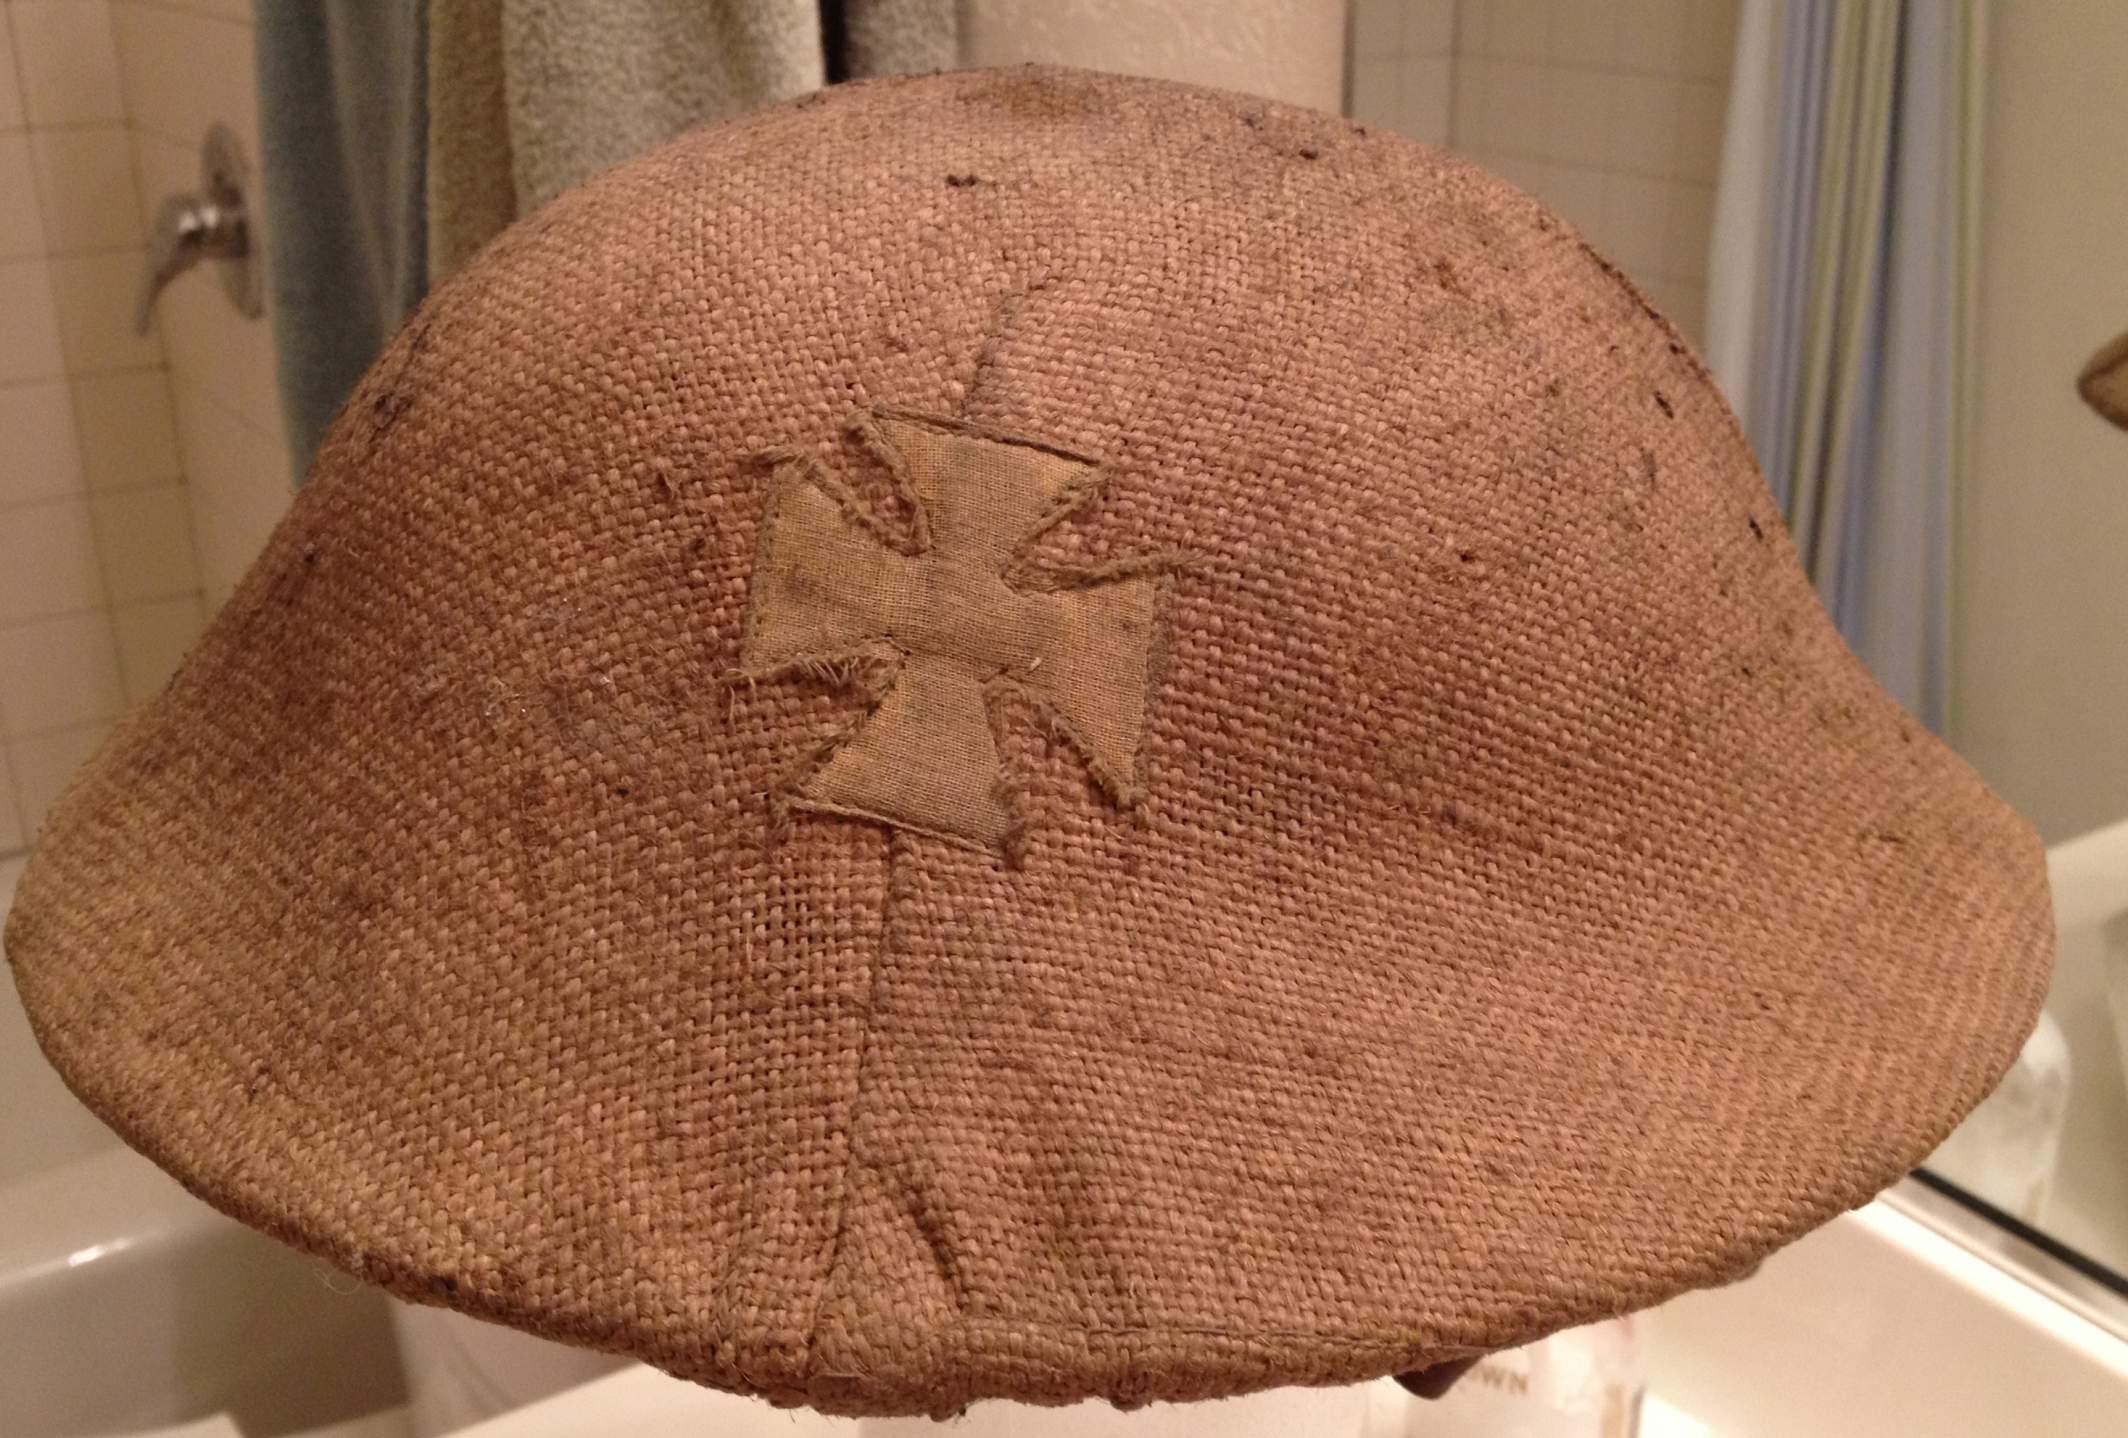 brodie helmet cover